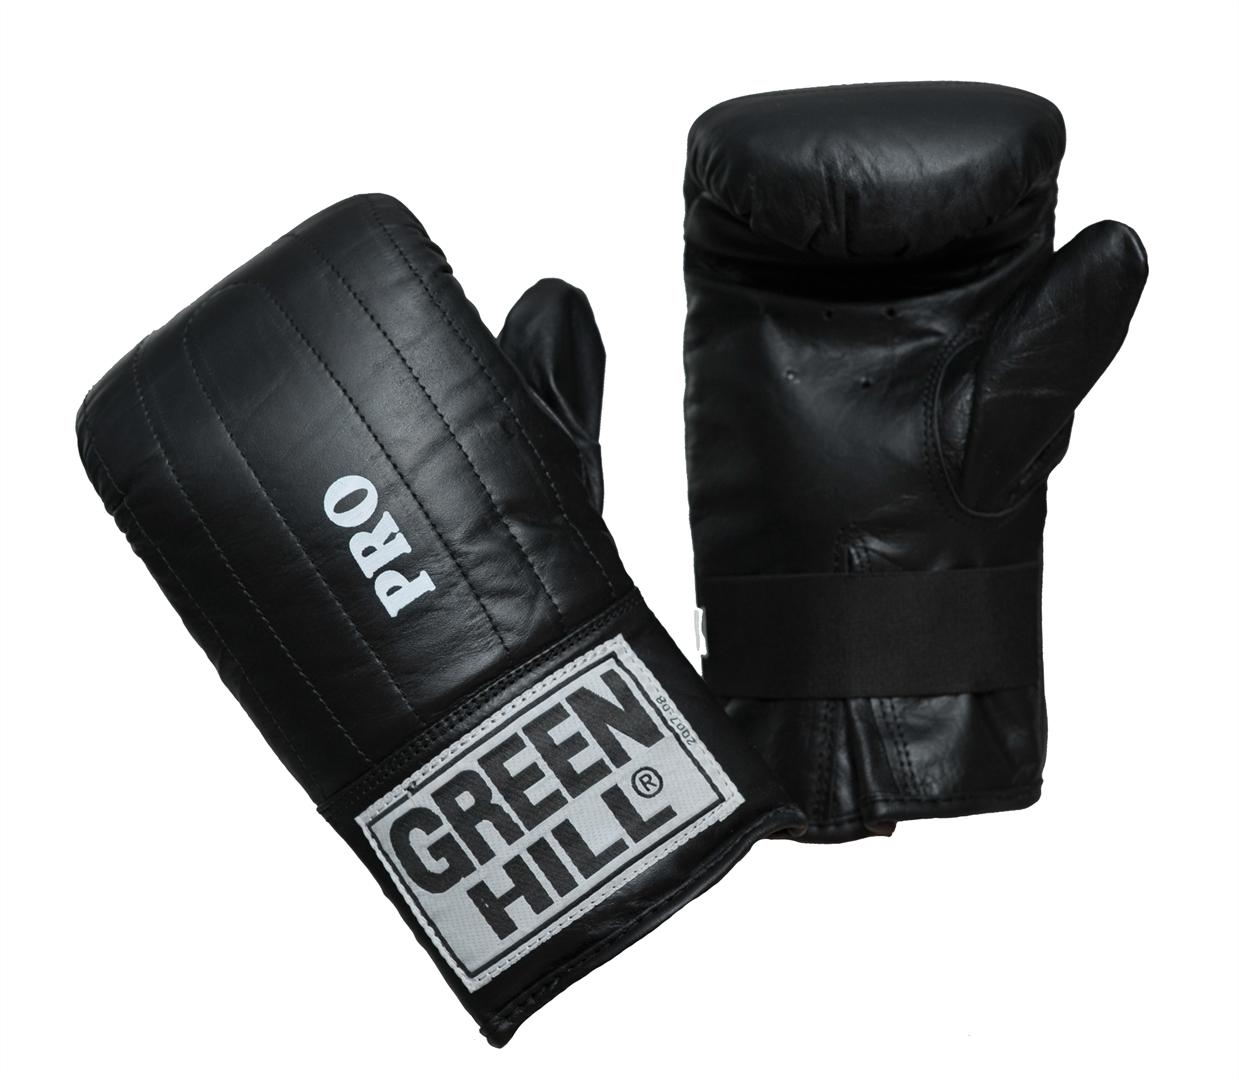 Перчатки снарядные Green Hill Pro, цвет: черный. Размер XLPMP-2064Снарядные перчатки Green Hill Pro предназначены для отработки ударов по мешкам и лапам, а также для легких спаррингов. Перчатки выполнены из натуральной кожи с мягким наполнителем внутри. Манжет не резинке позволяет быстро снимать и одевать перчатки, плотно фиксирует их на руке.